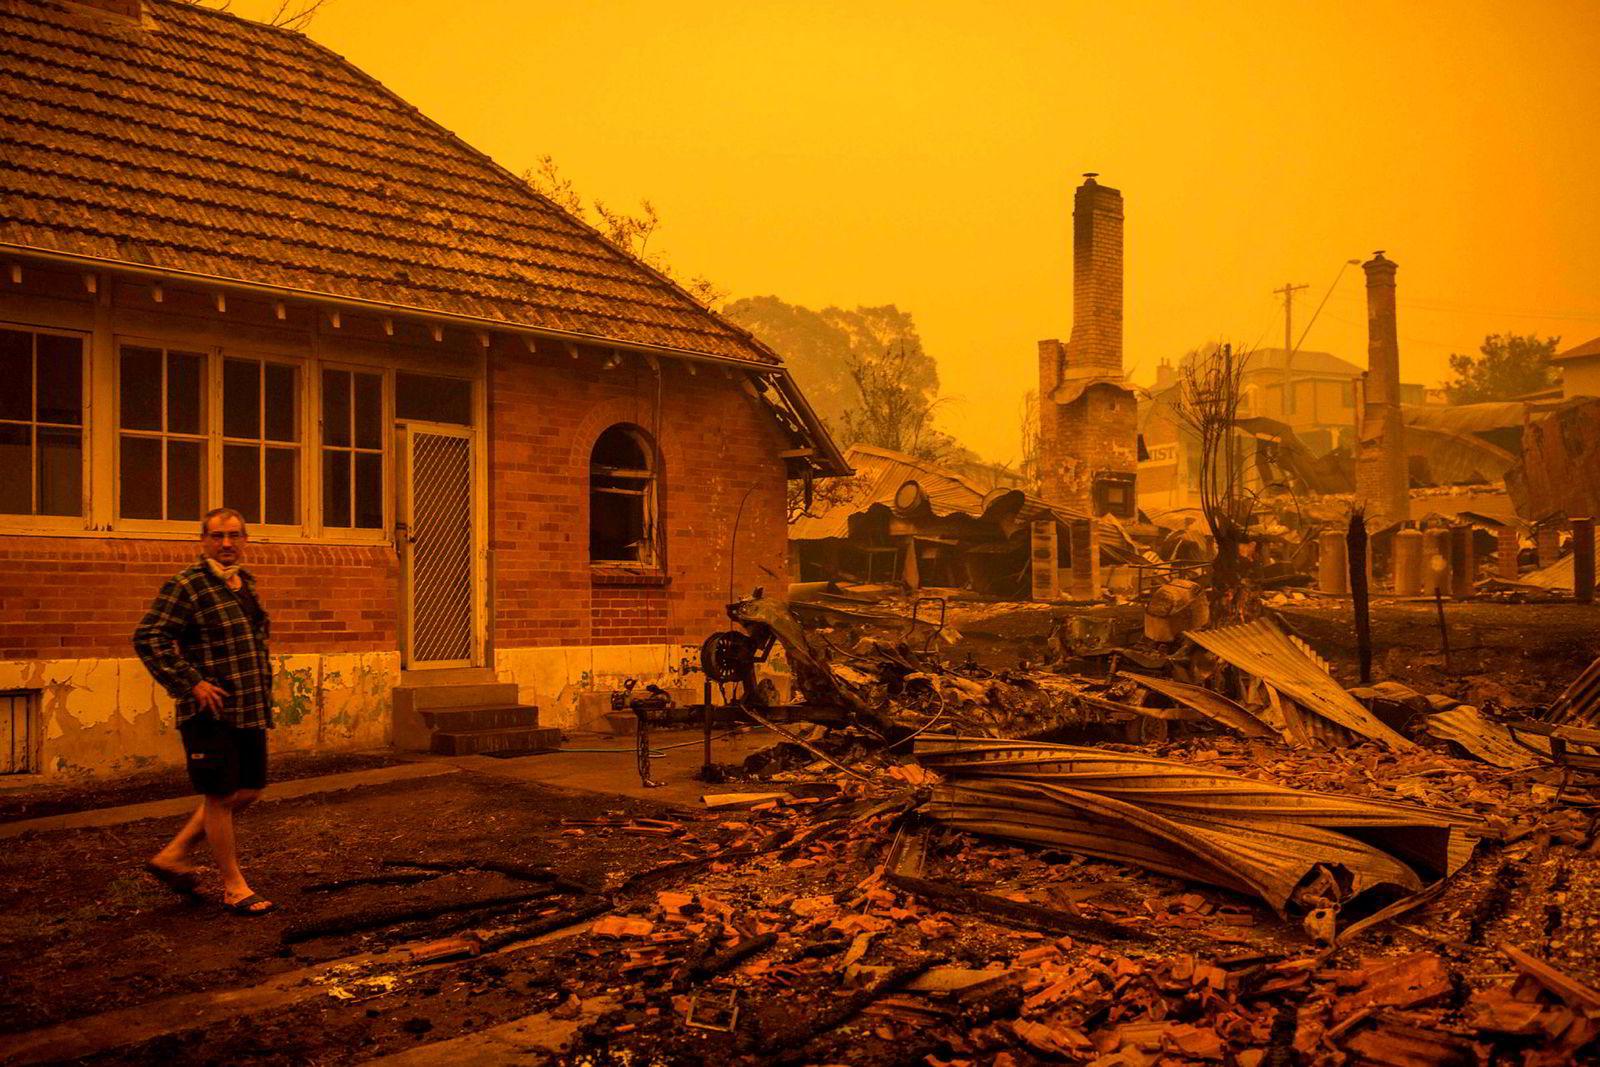 Fastboende og turister ble tvunget til å flykte til strender i New South Wales etter katastrofale branner denne uken. Det pågår evakuering med marineskip.